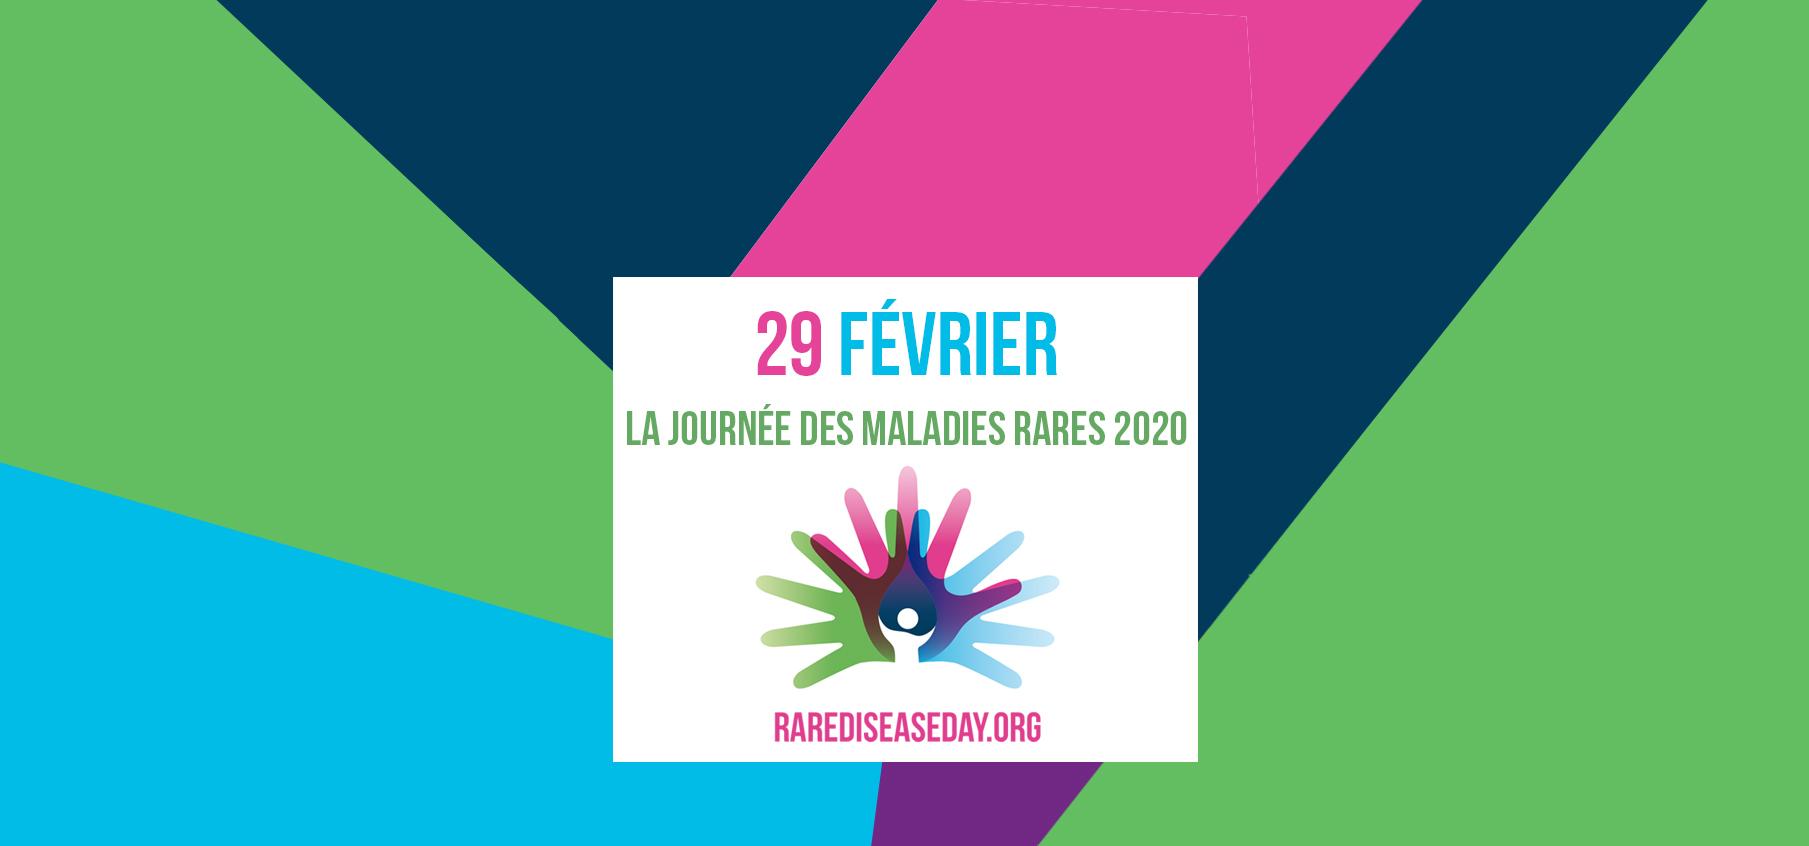 la Journée des maladies rares 2020